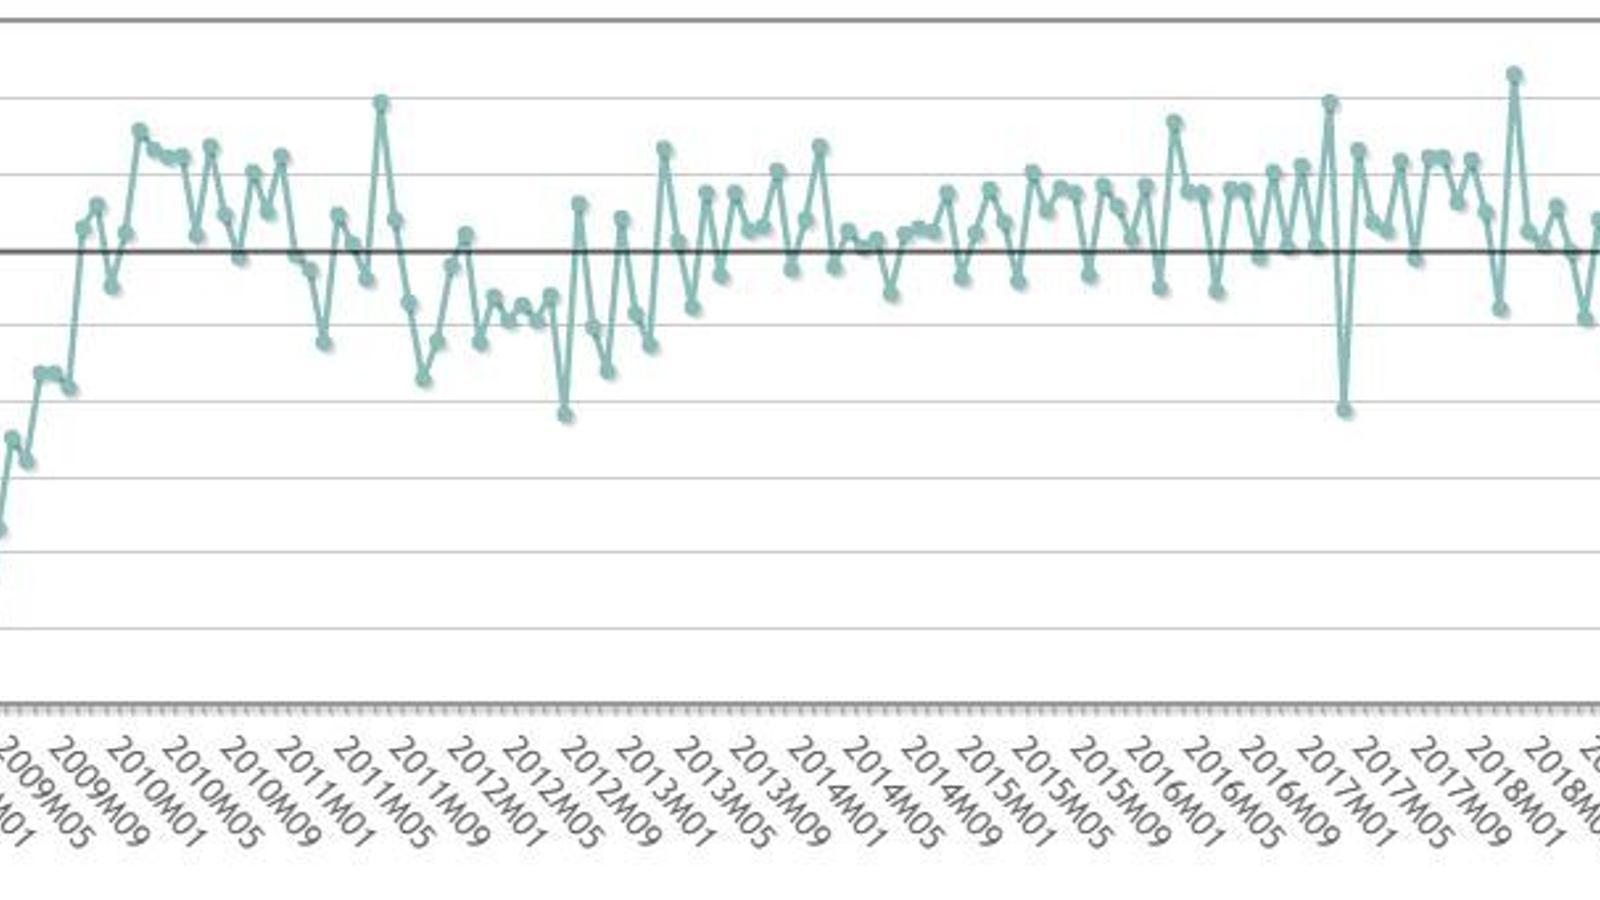 La producció industrial a l'abril a Catalunya va patir la pitjor caiguda històrica